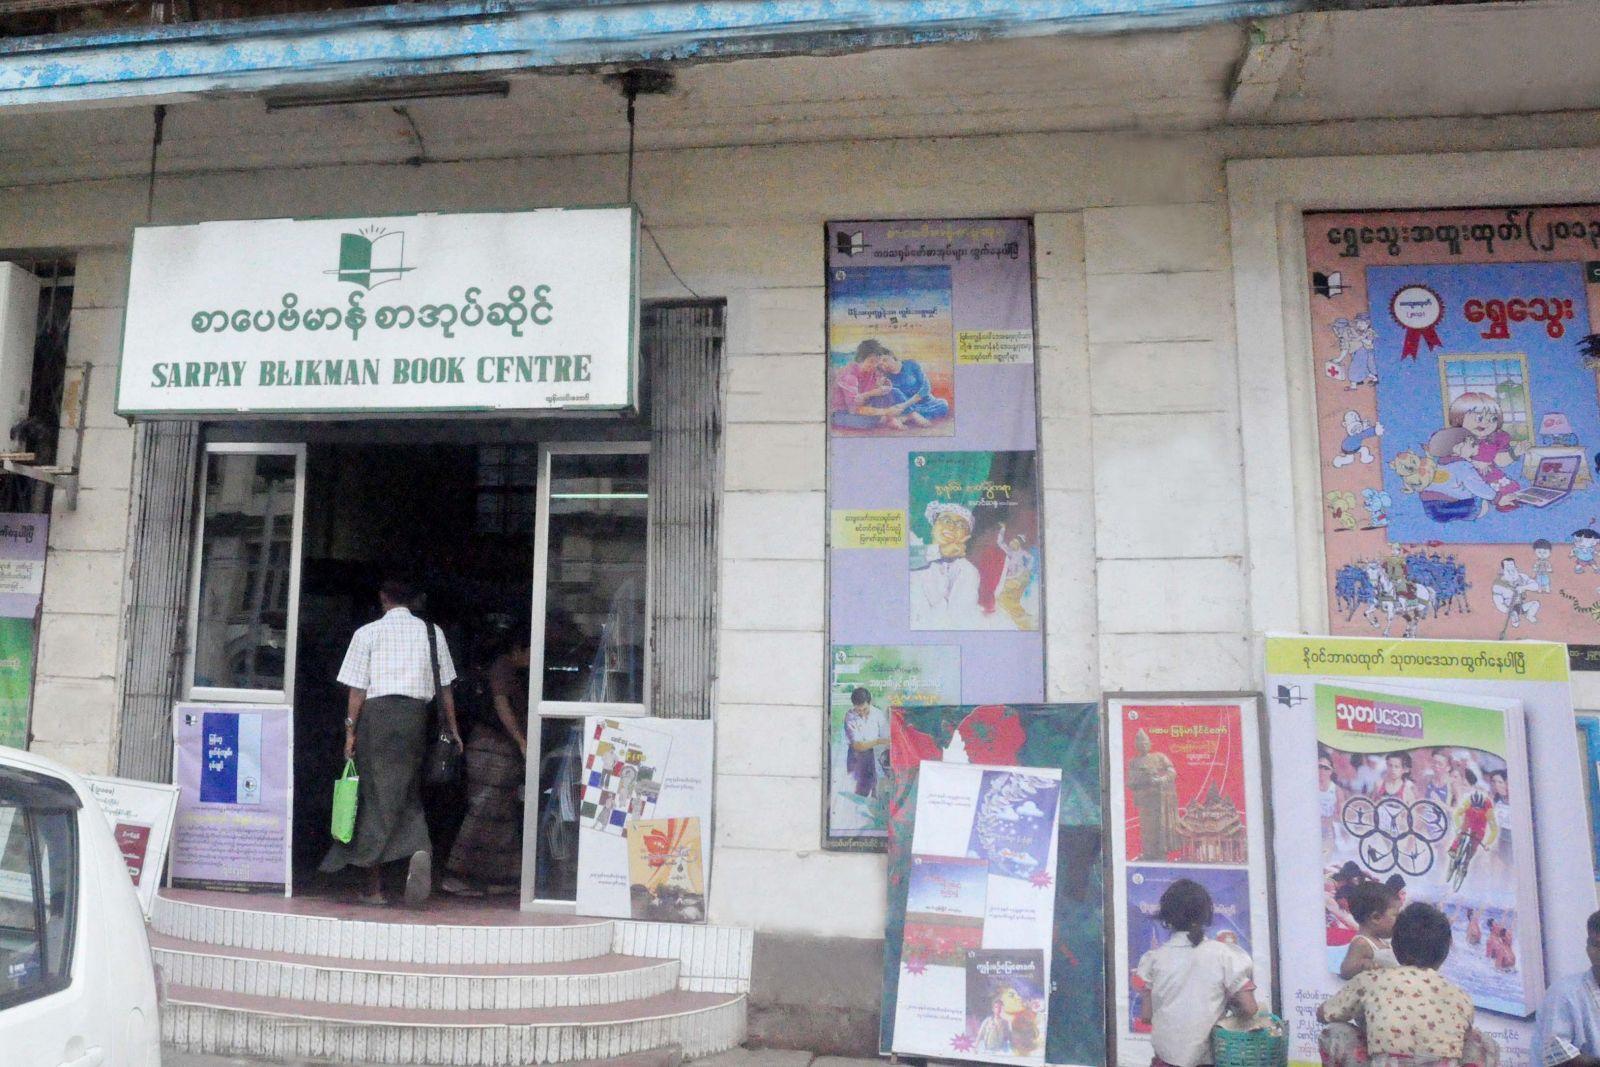 စာအုပ်အရောင်းဆိုင်